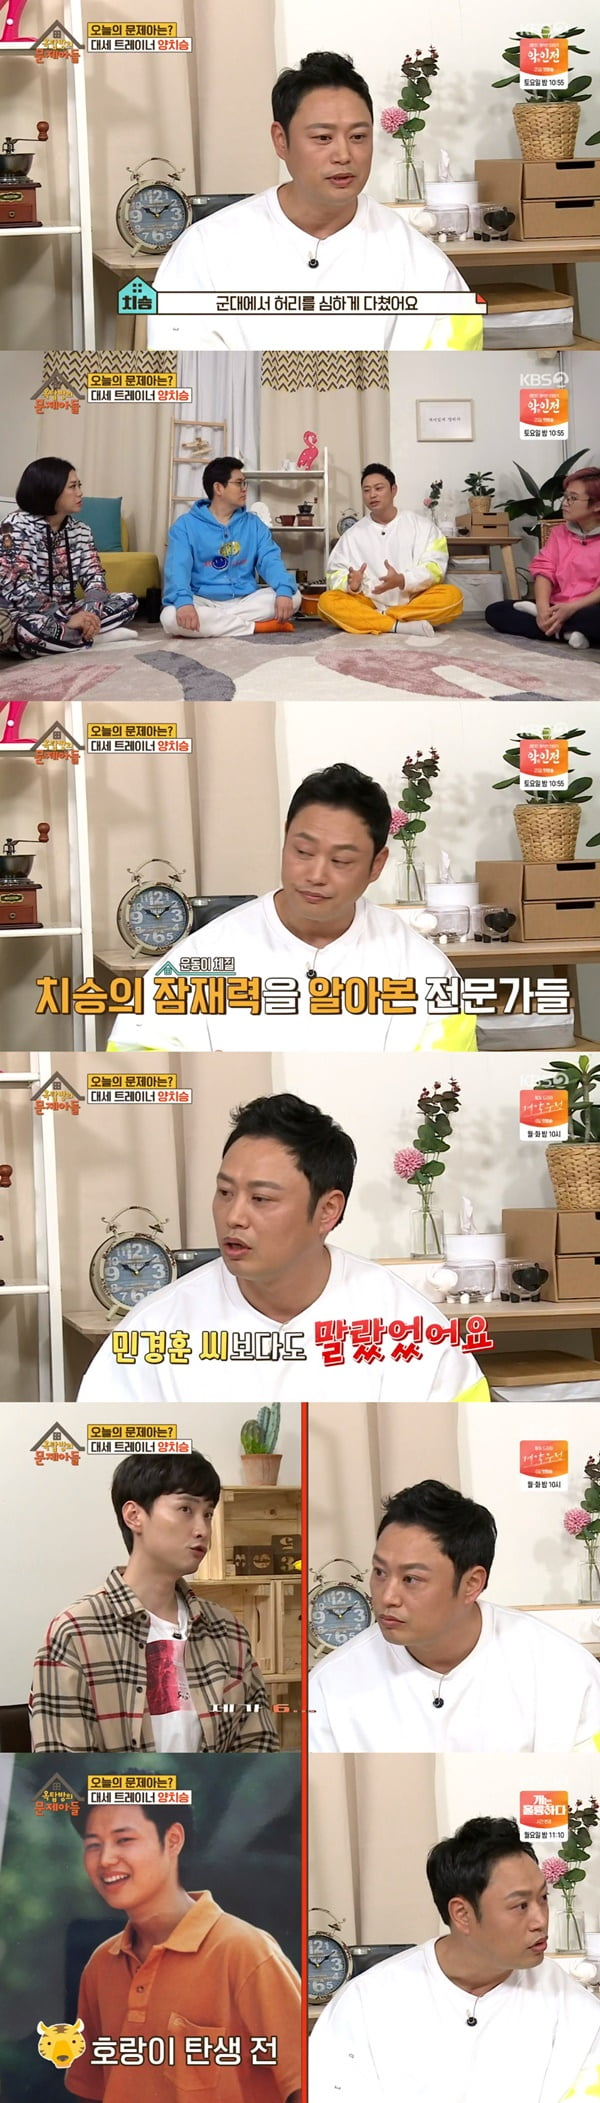 '옥탑방의 문제아들' 양치승 / 사진 = KBS 영상 캡처